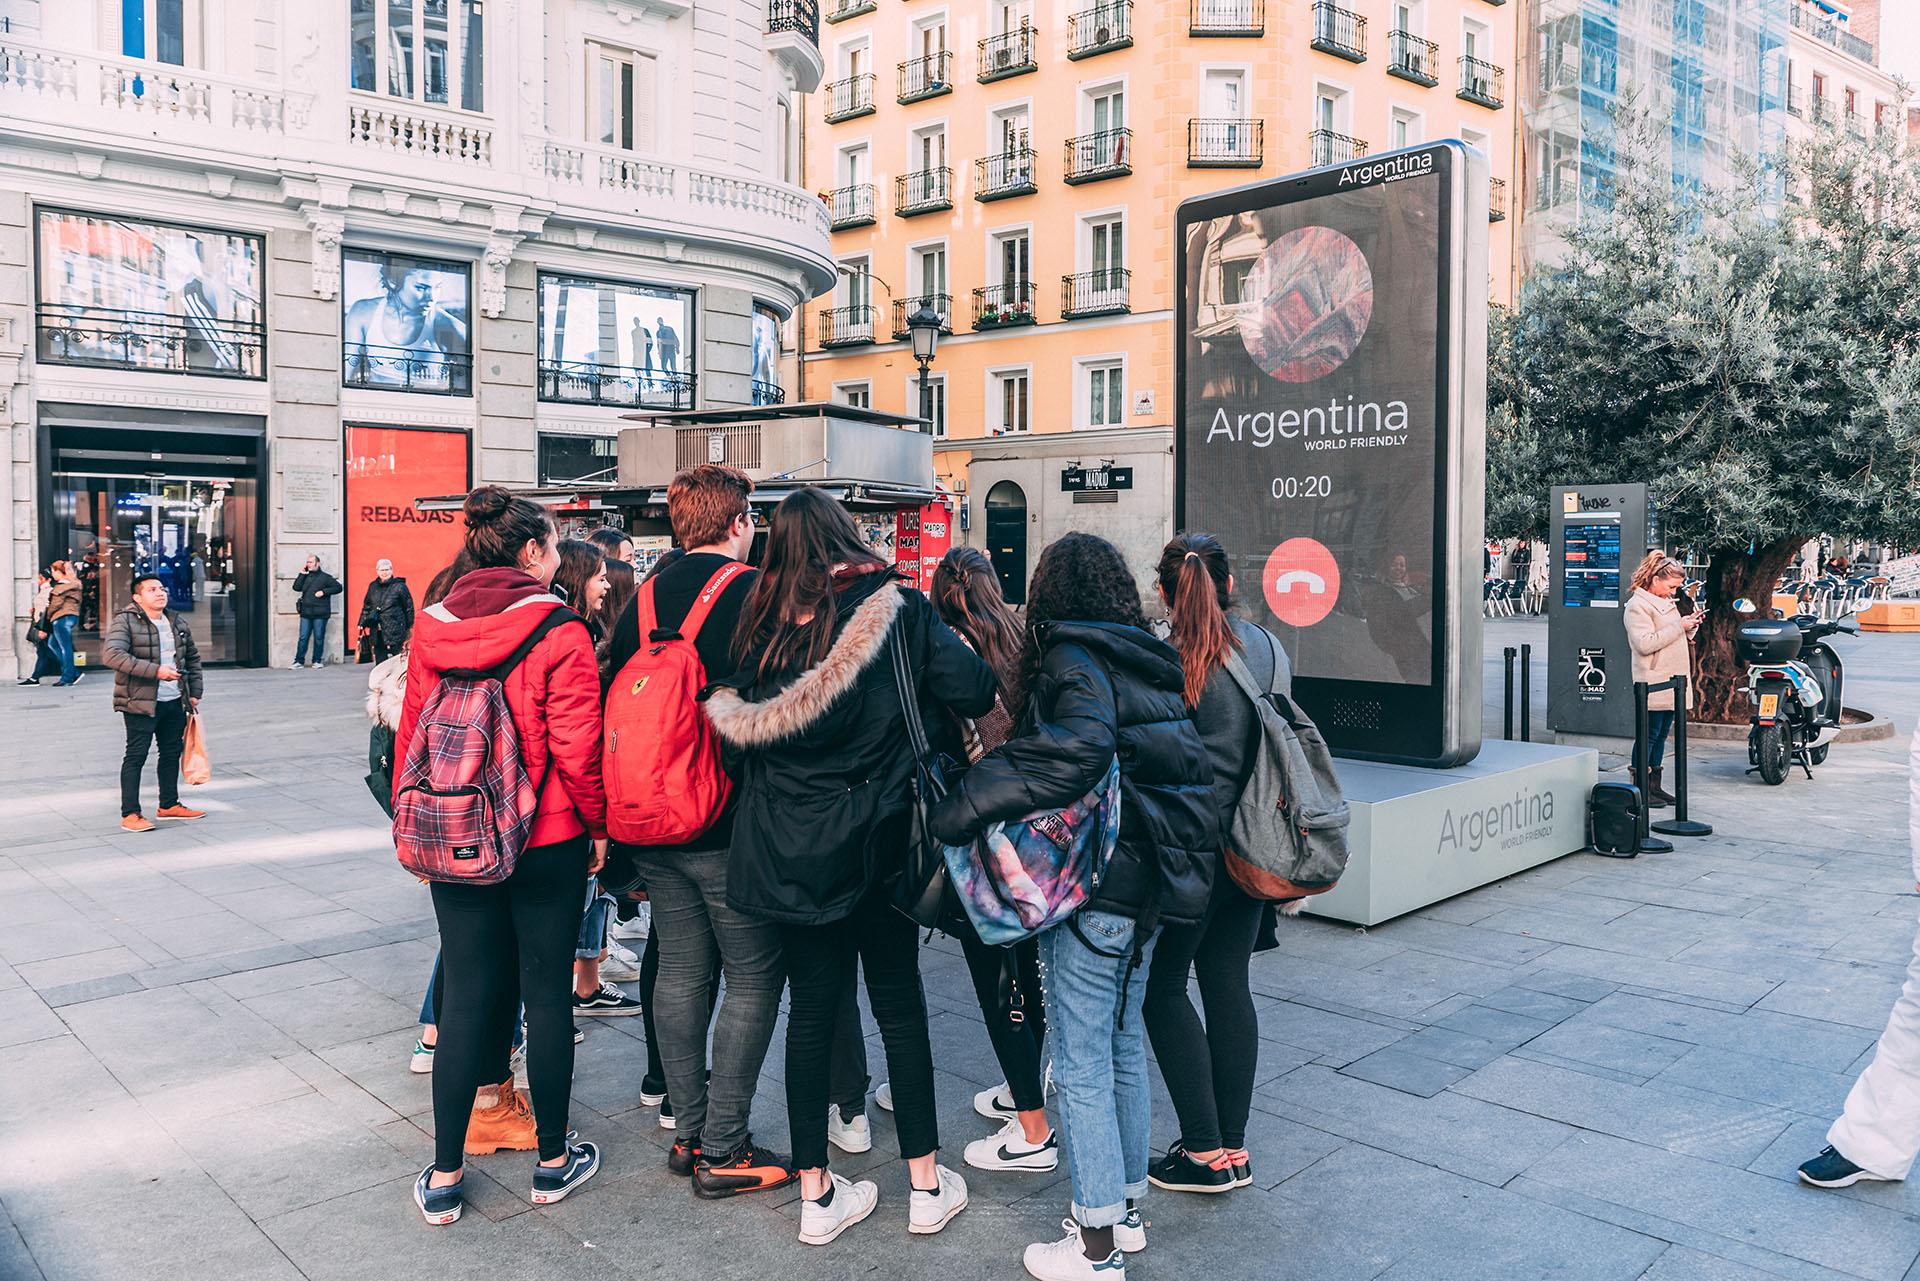 Parece salido de una película, pero nada de eso: fue una instalación del Ministerio de Turismo de la Nación en una de las calles más concurridas de Madrid para promocionar los destinos turísticos del país.